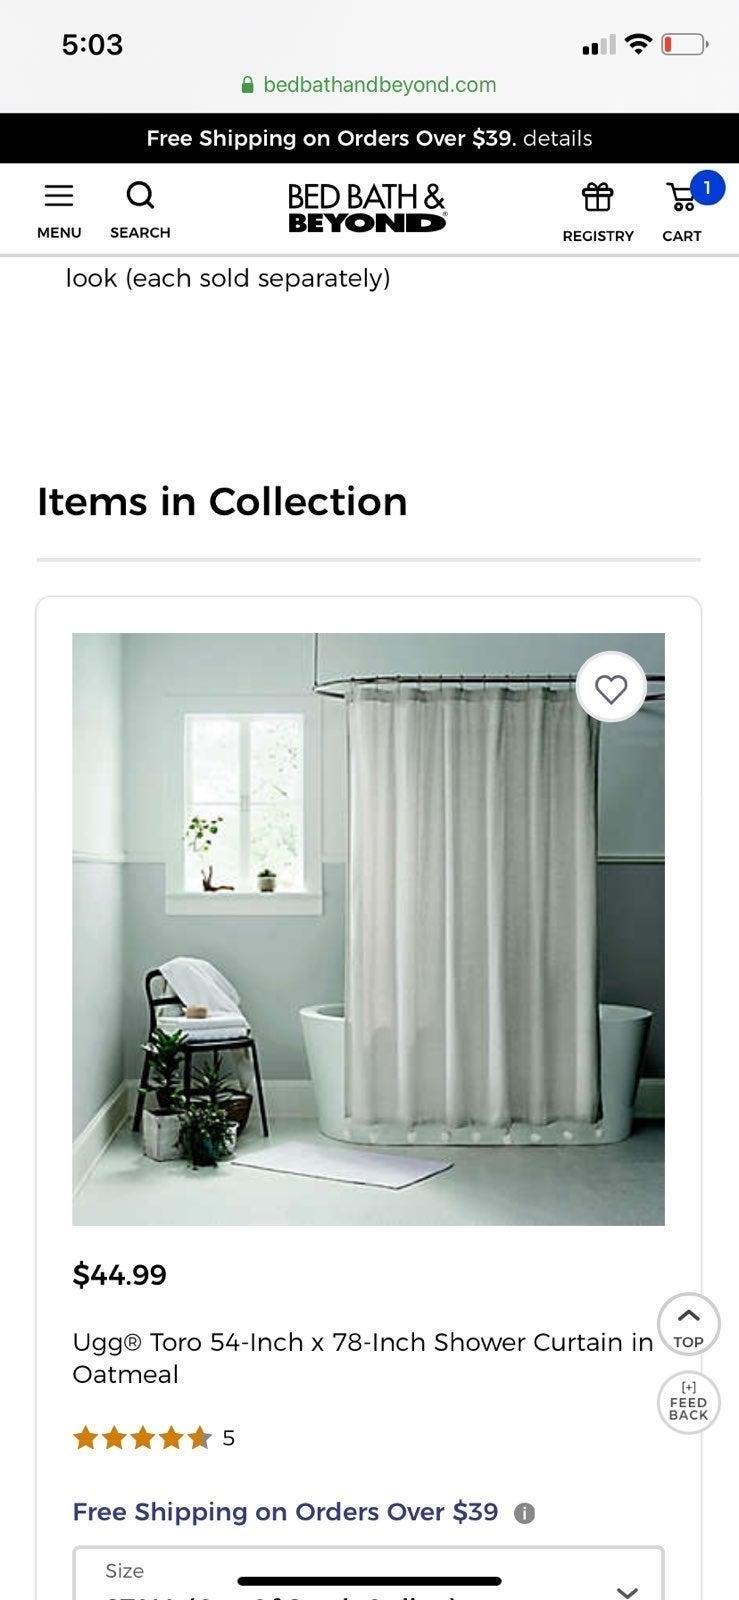 NEW Toro Ugg shower curtain